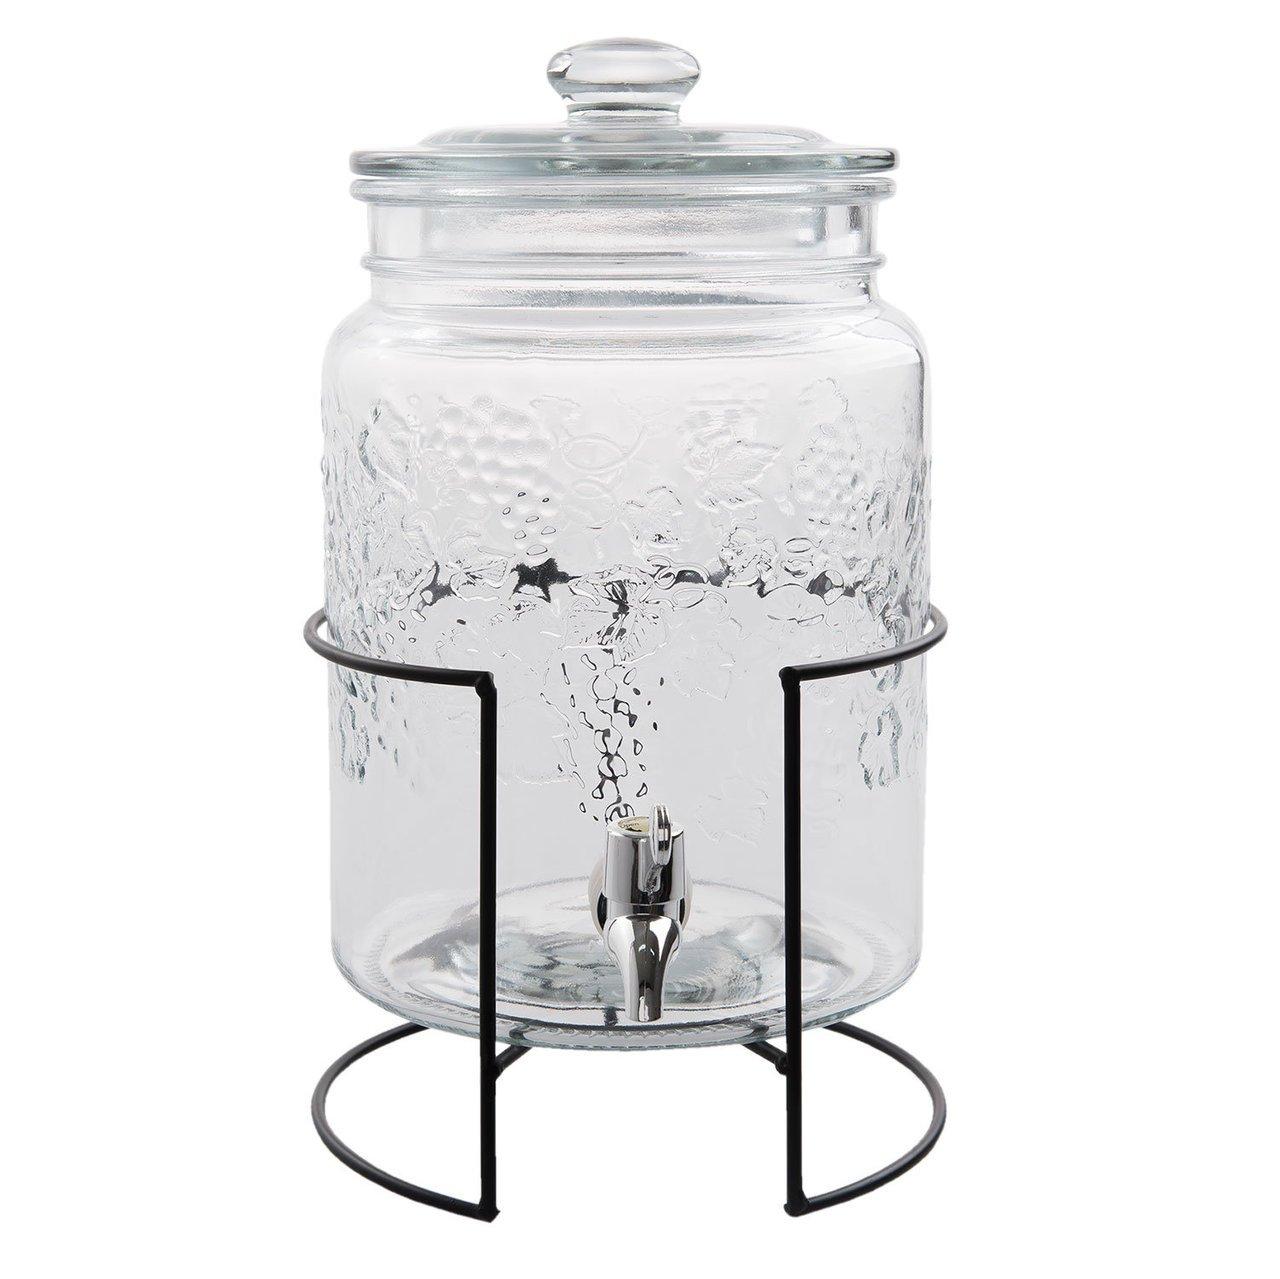 Clayre & Eef Glas Getränkespender mit Hahn 5L